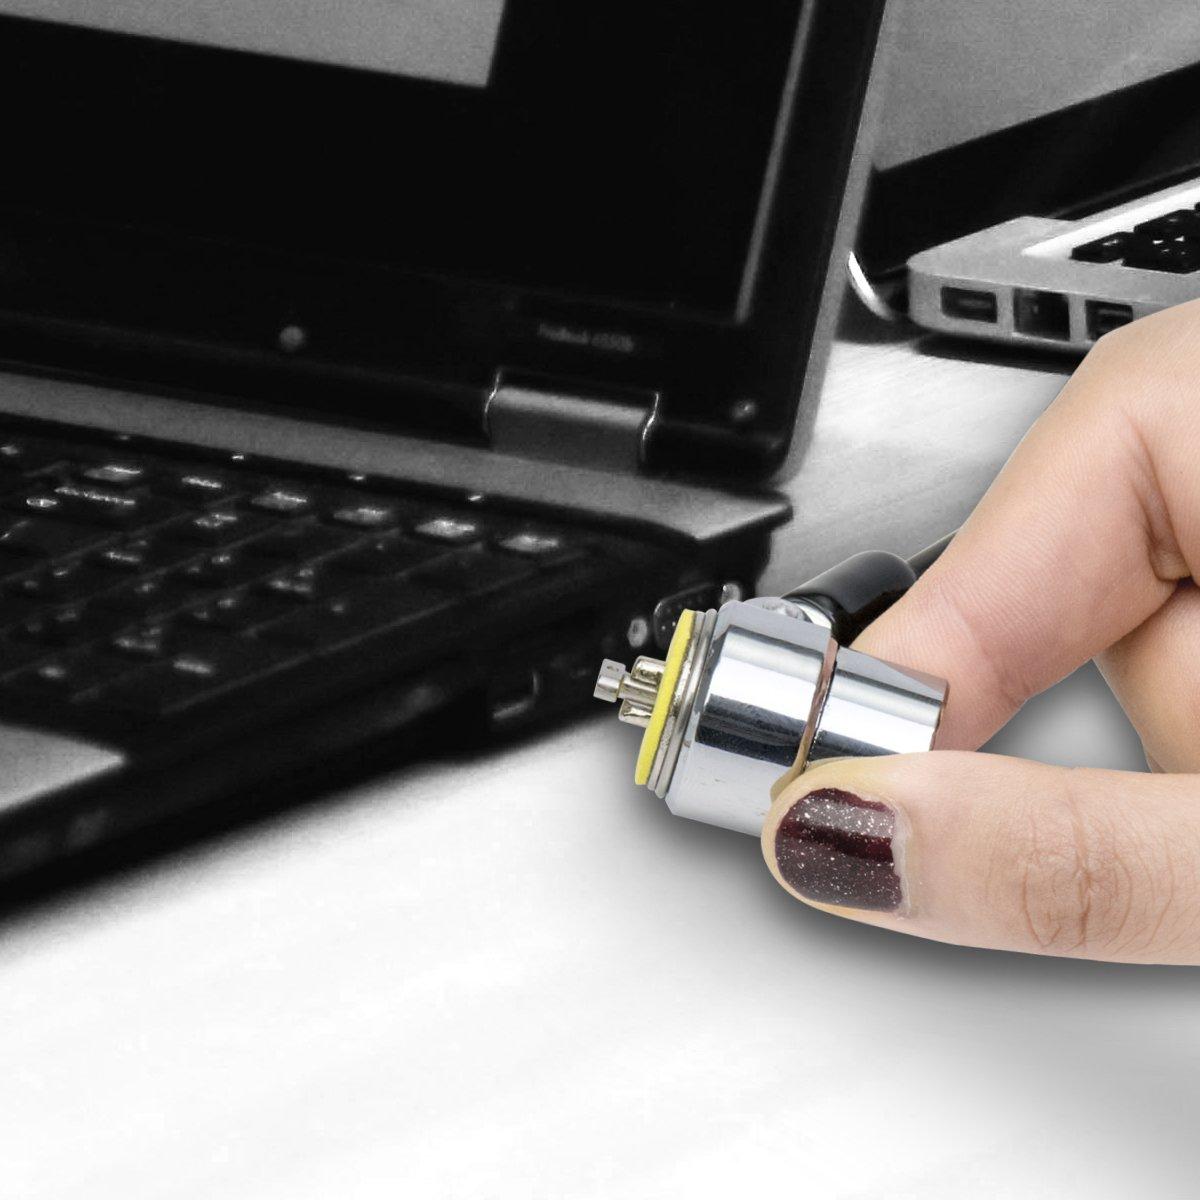 Cadenas de s/écurit/é I3C pour ordinateur portable avec c/âble /à combinaison de cl/é num/érique /à 4 chiffres C/âble antivol avec baril argent/é argent/é ressort